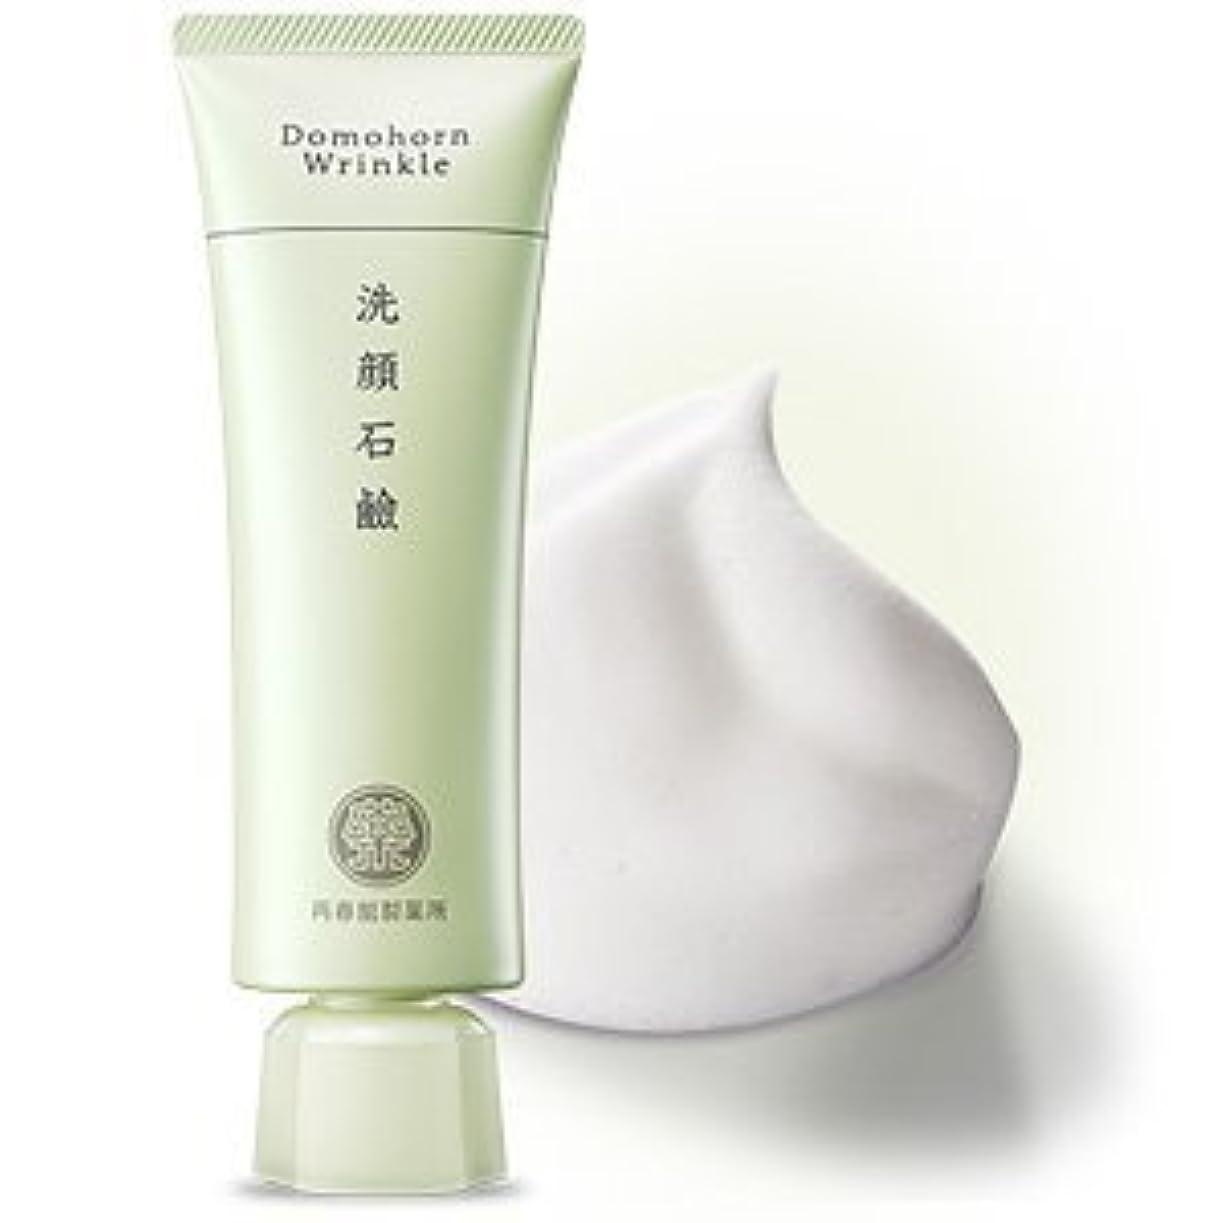 プレゼントファイターエーカー【濃密泡で毛穴対策にも】ドモホルンリンクル 洗顔石鹸 約60日分